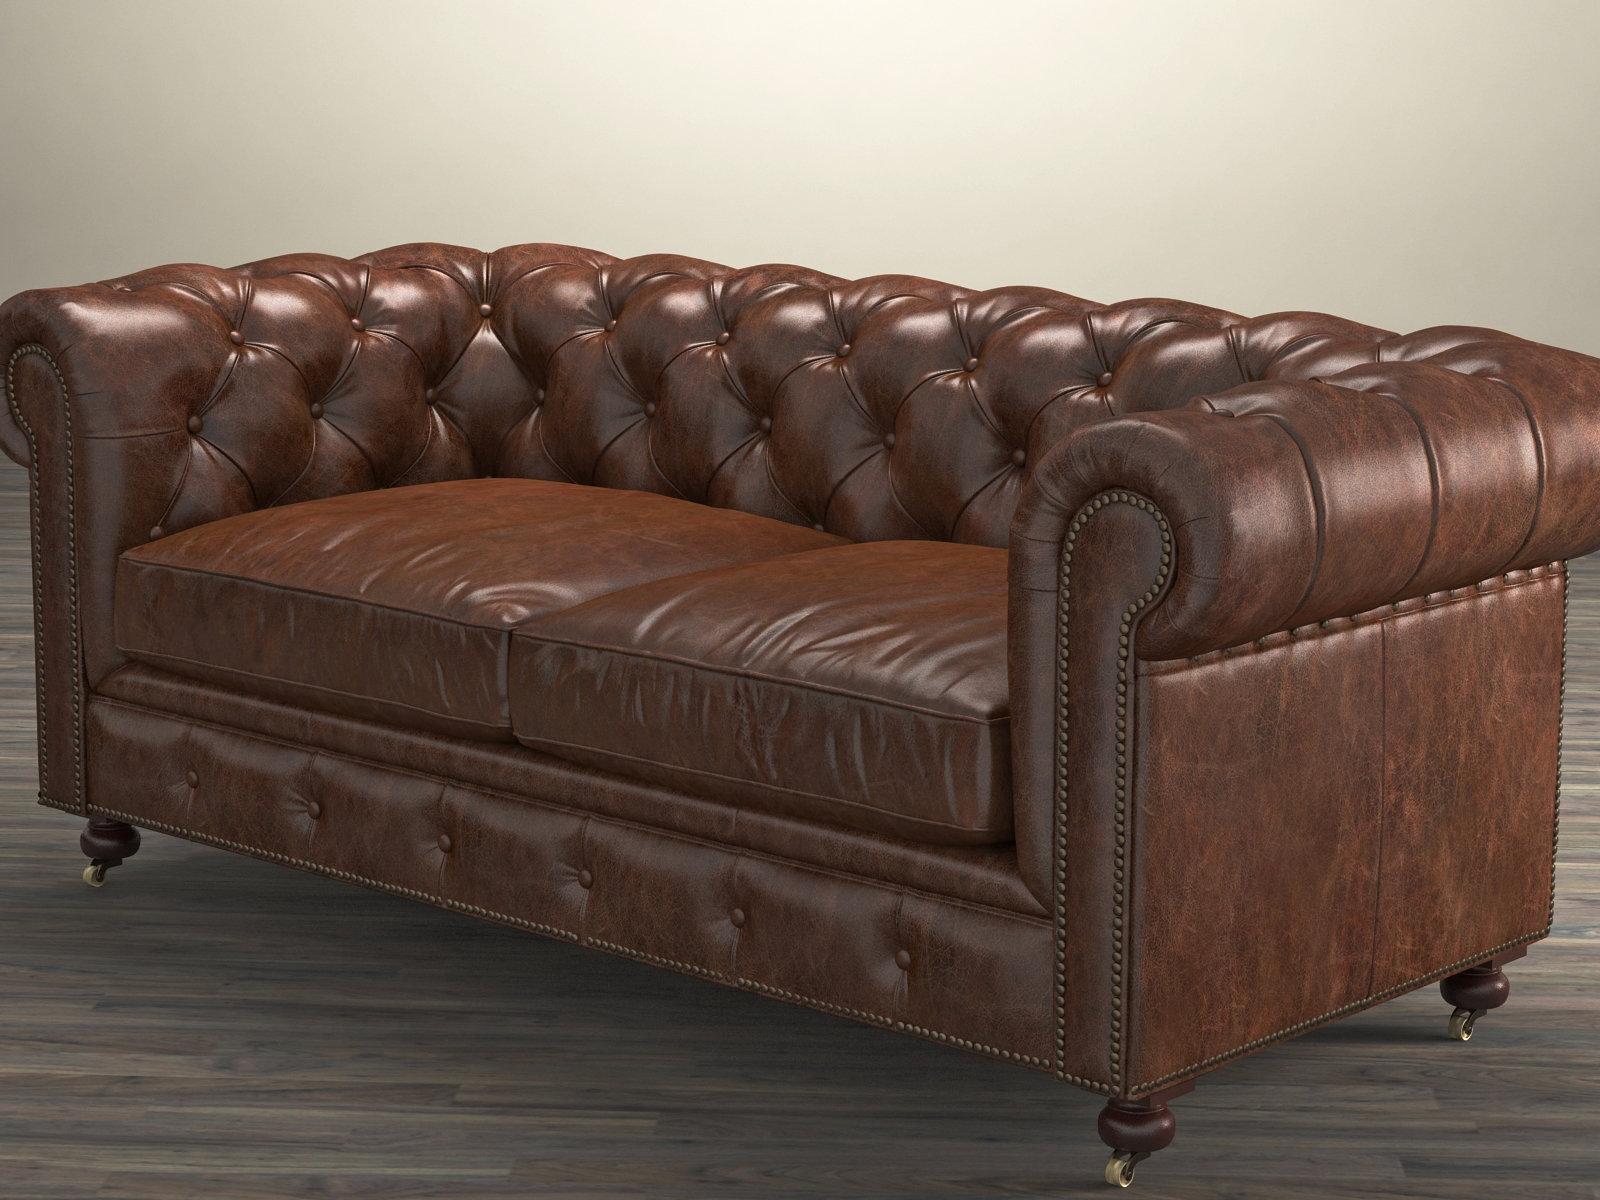 kensington leather chair desk home office 72 quot the petite sofa 3d model